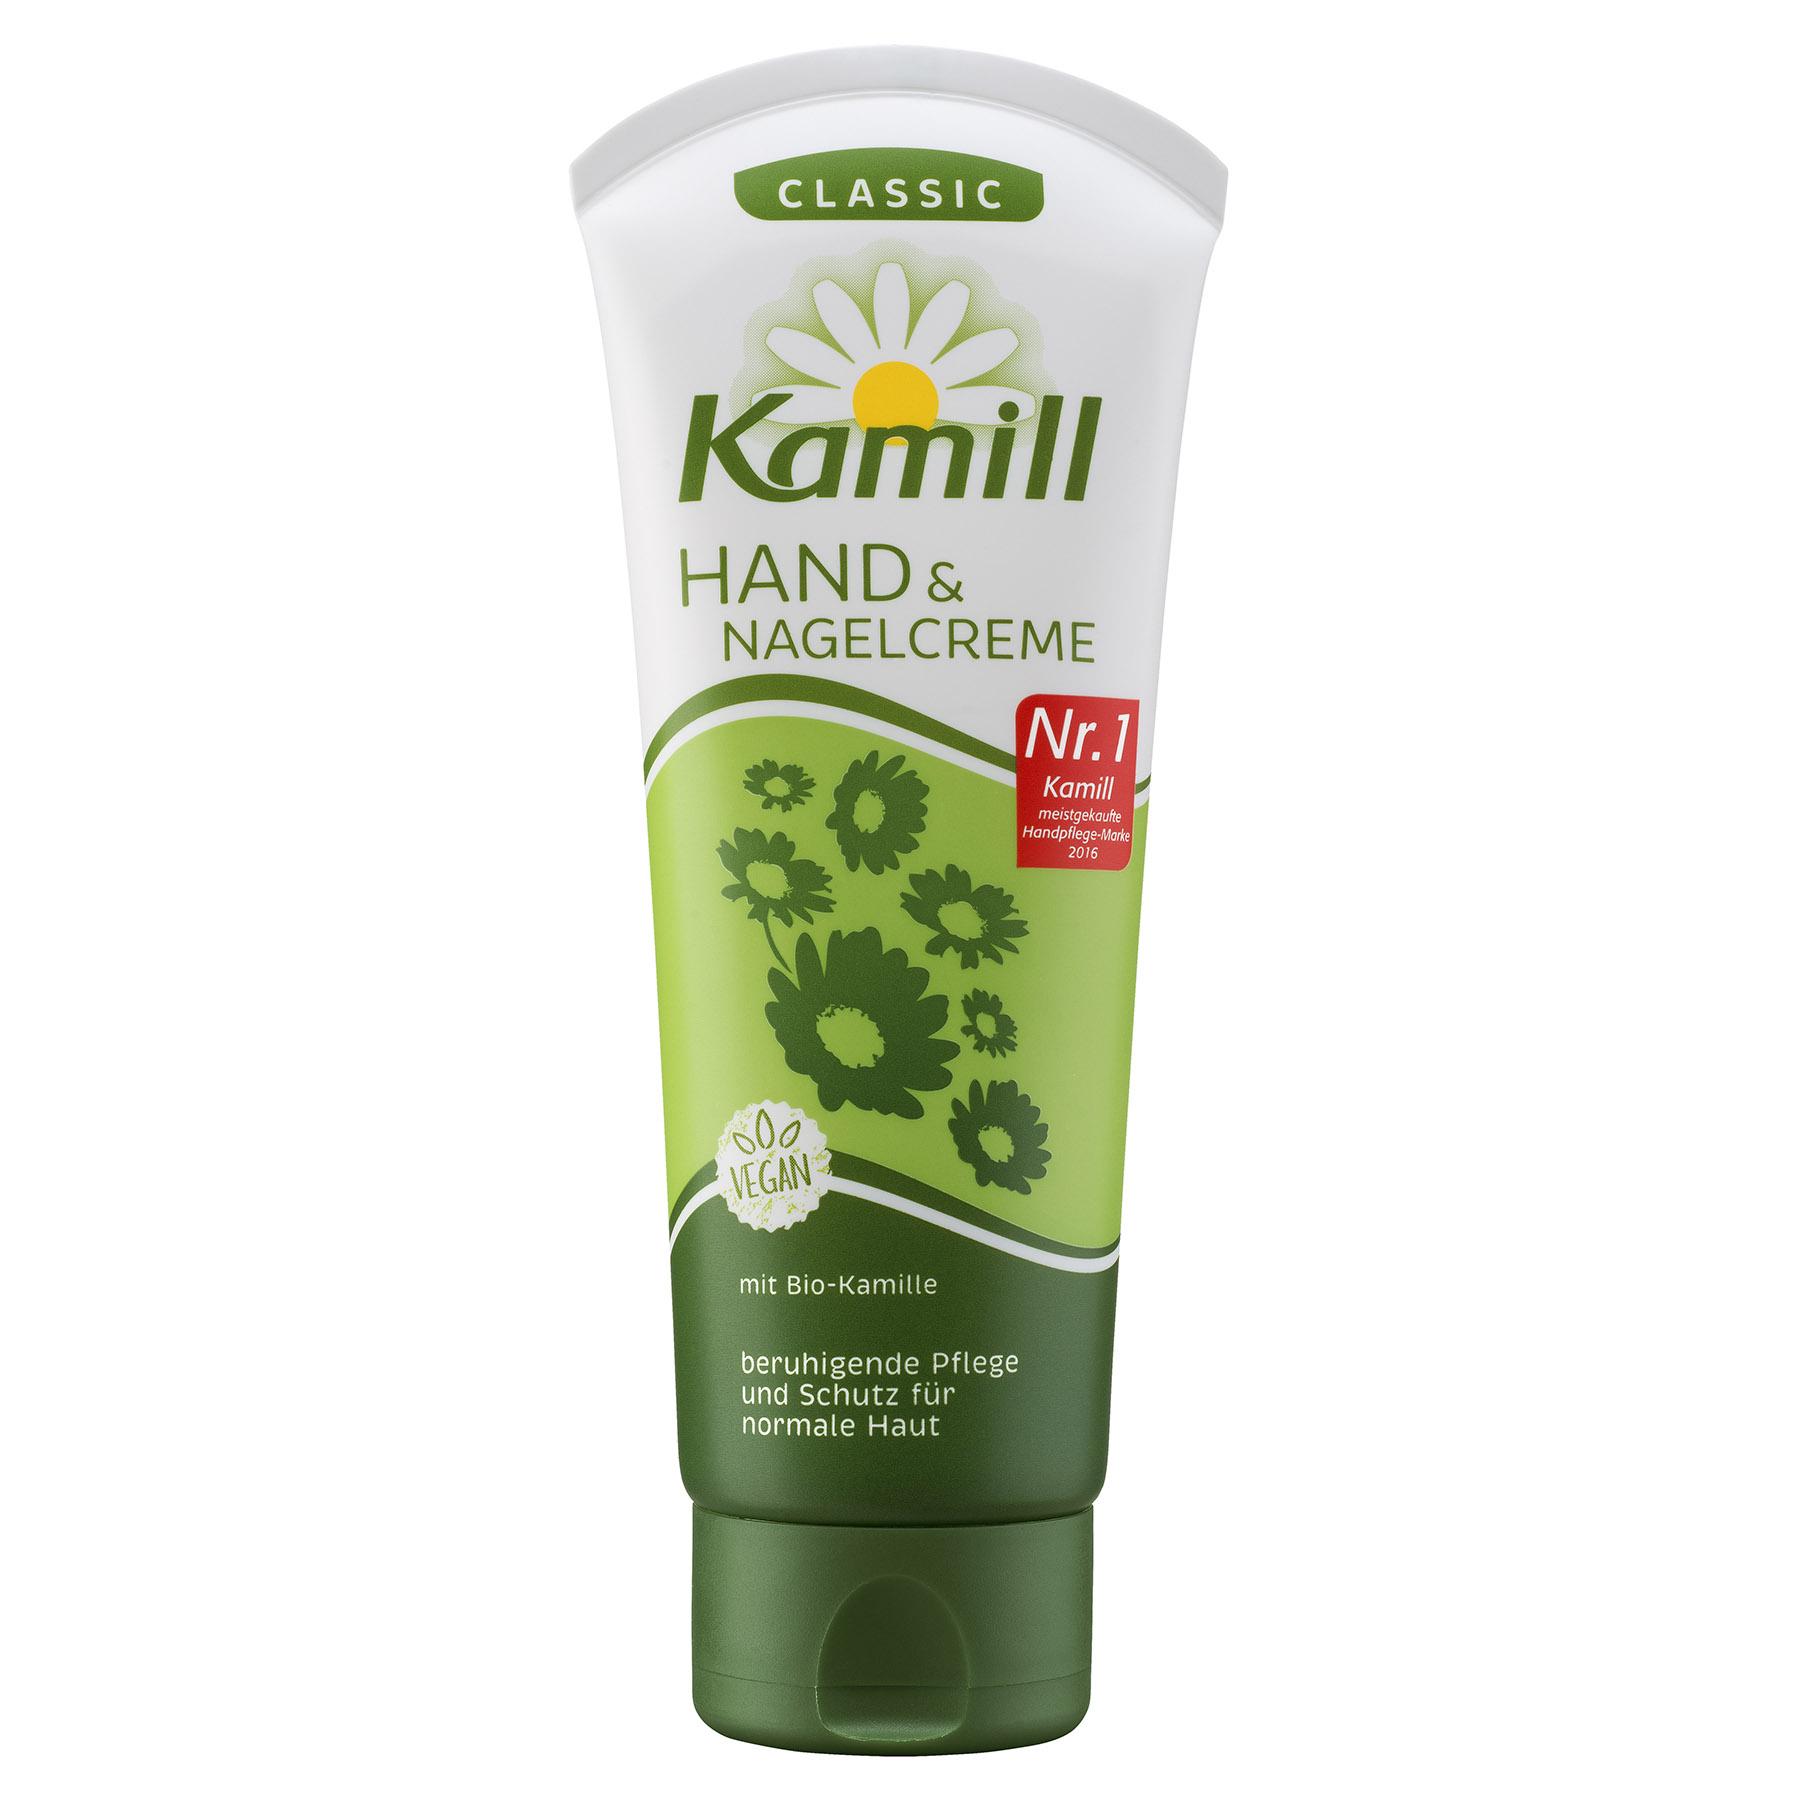 【おすすめグッズ】ドイツ製おすすめハンドクリーム[Kamill]